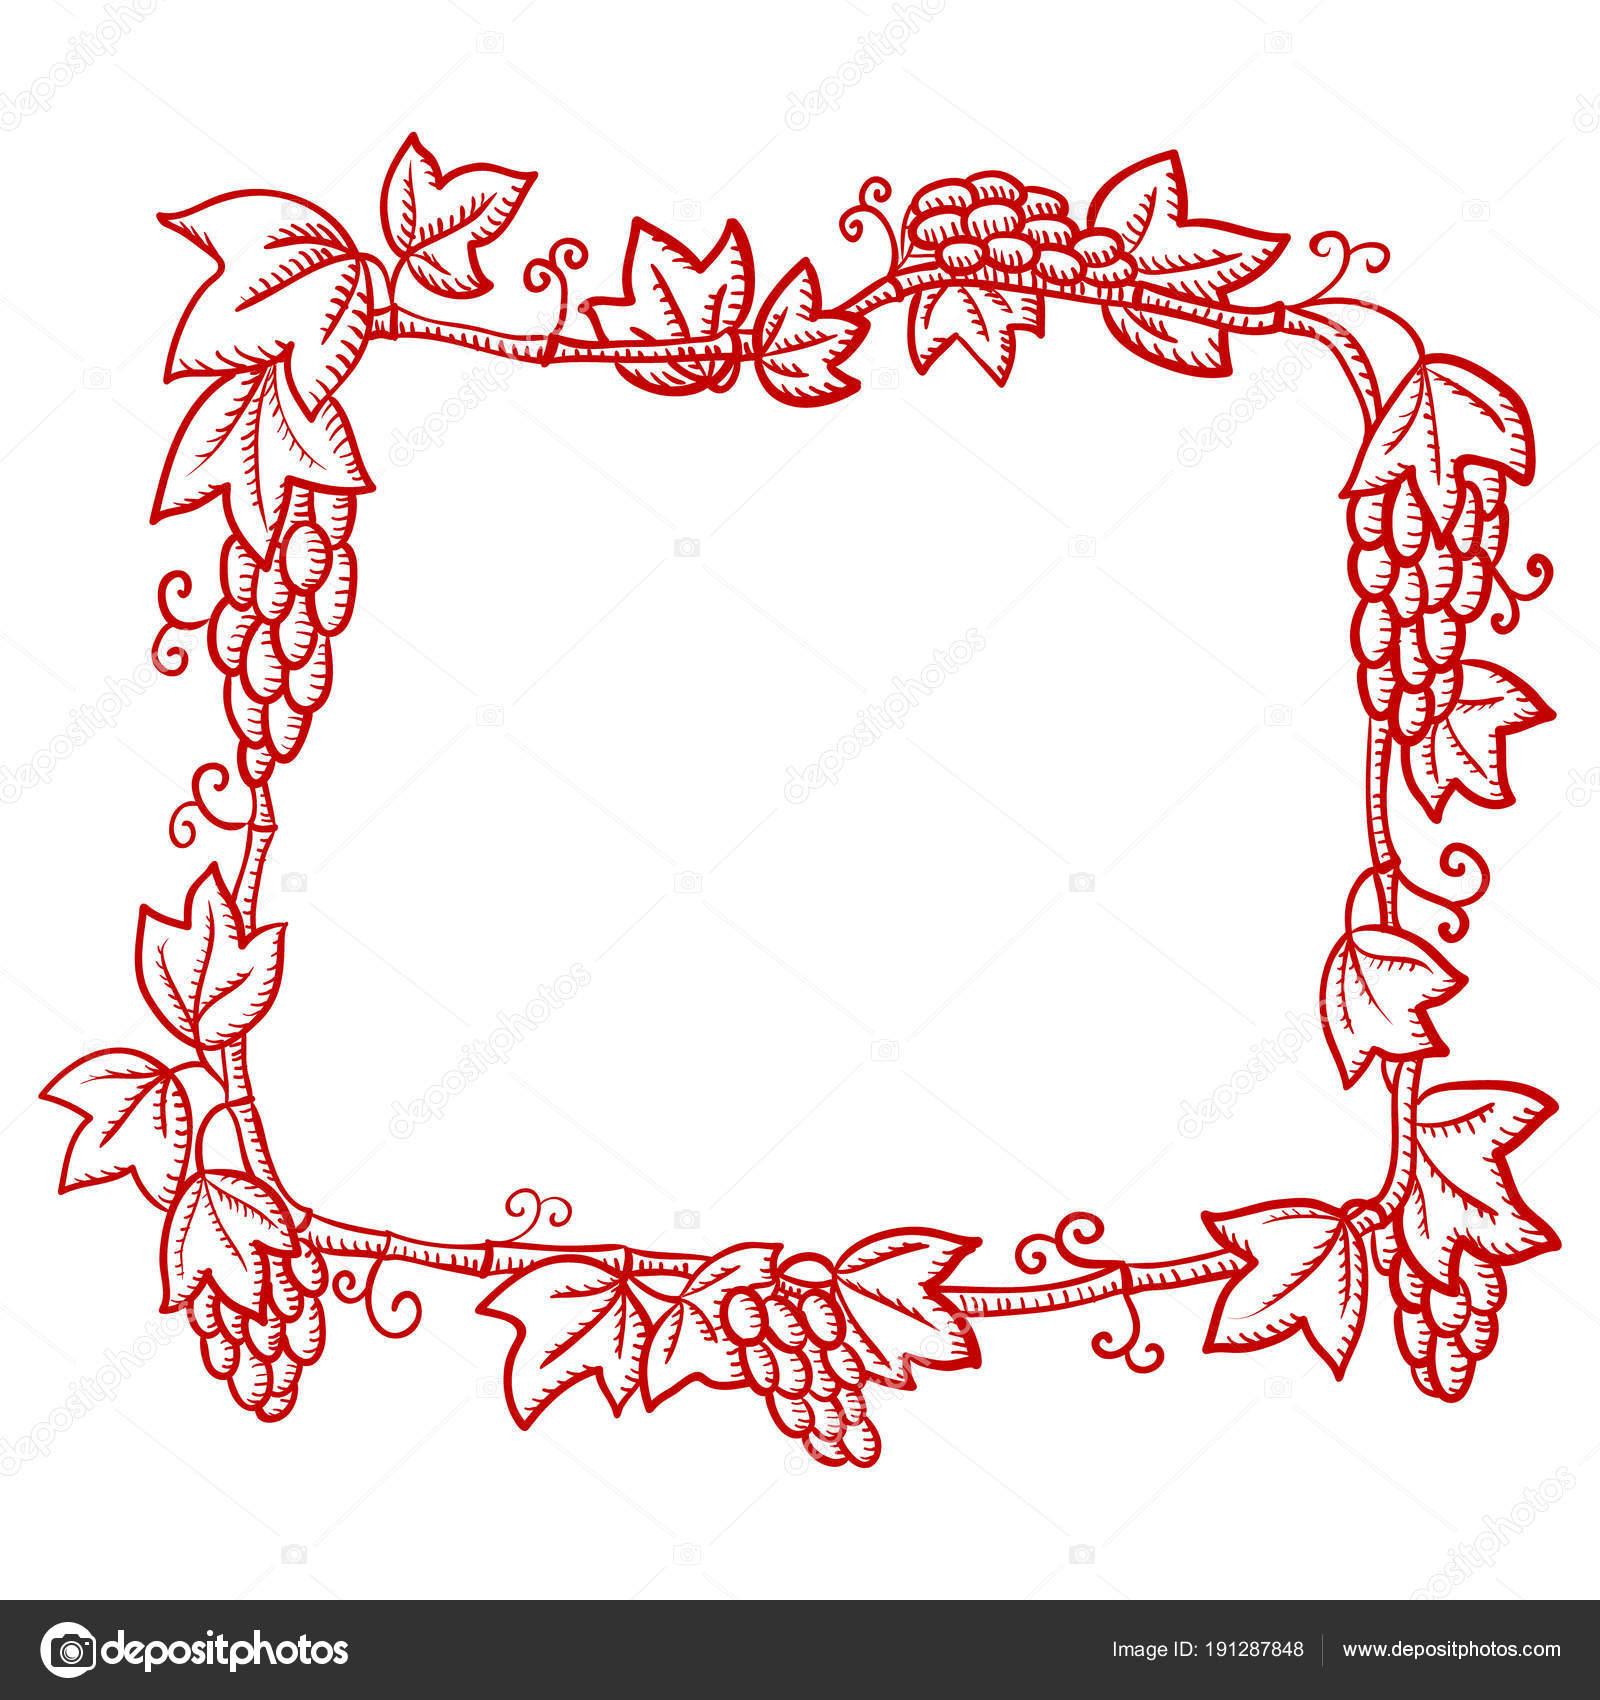 schne rote reich verzierten rahmen mit trauben mustern silhouette zeichnen stockvektor - Schone Muster Zum Zeichnen